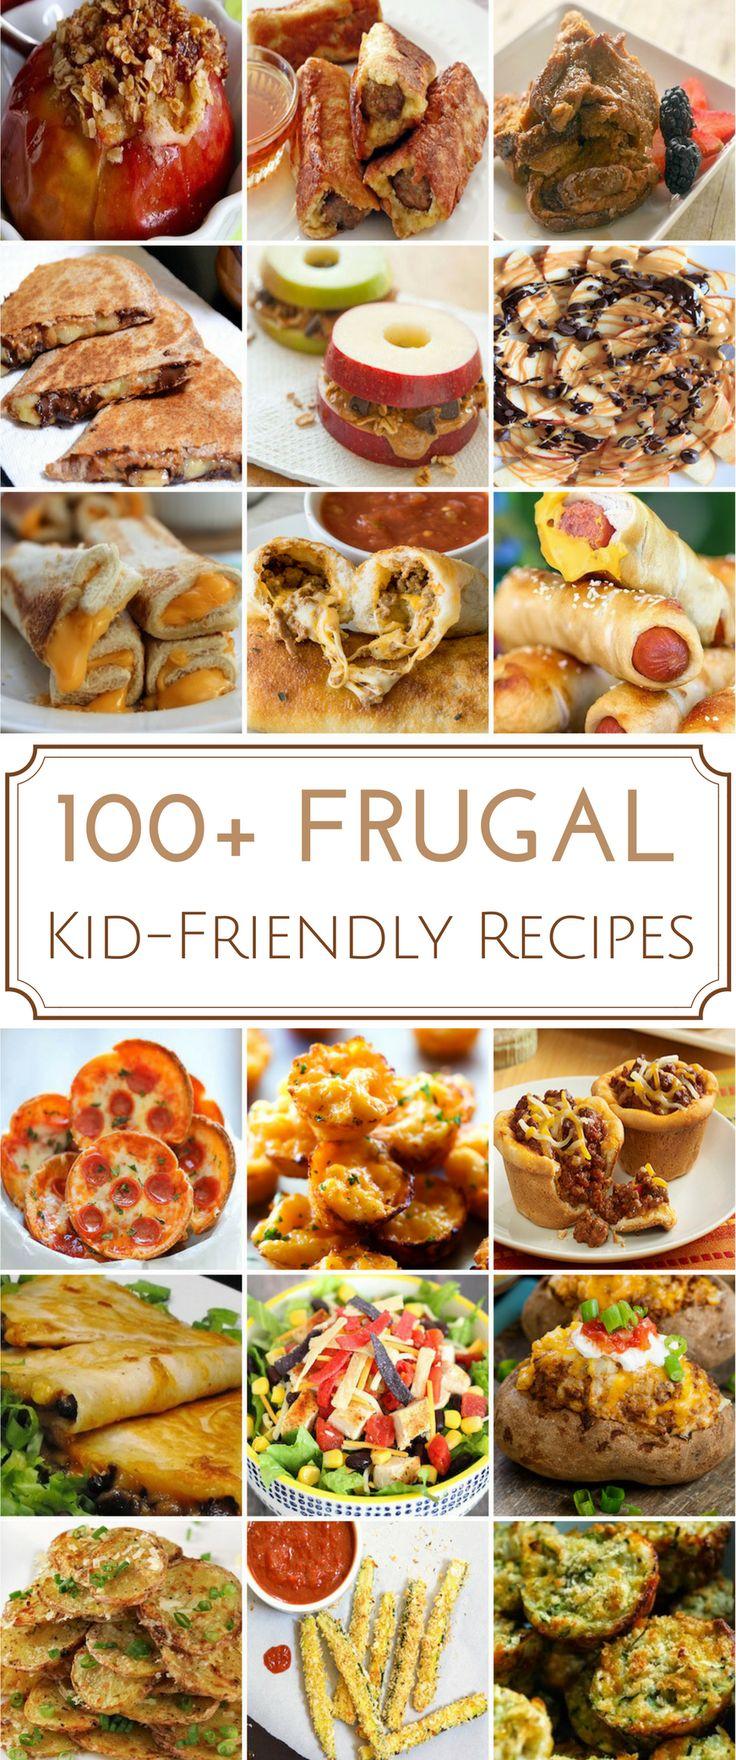 110 Frugal Kid-Friendly Recipes